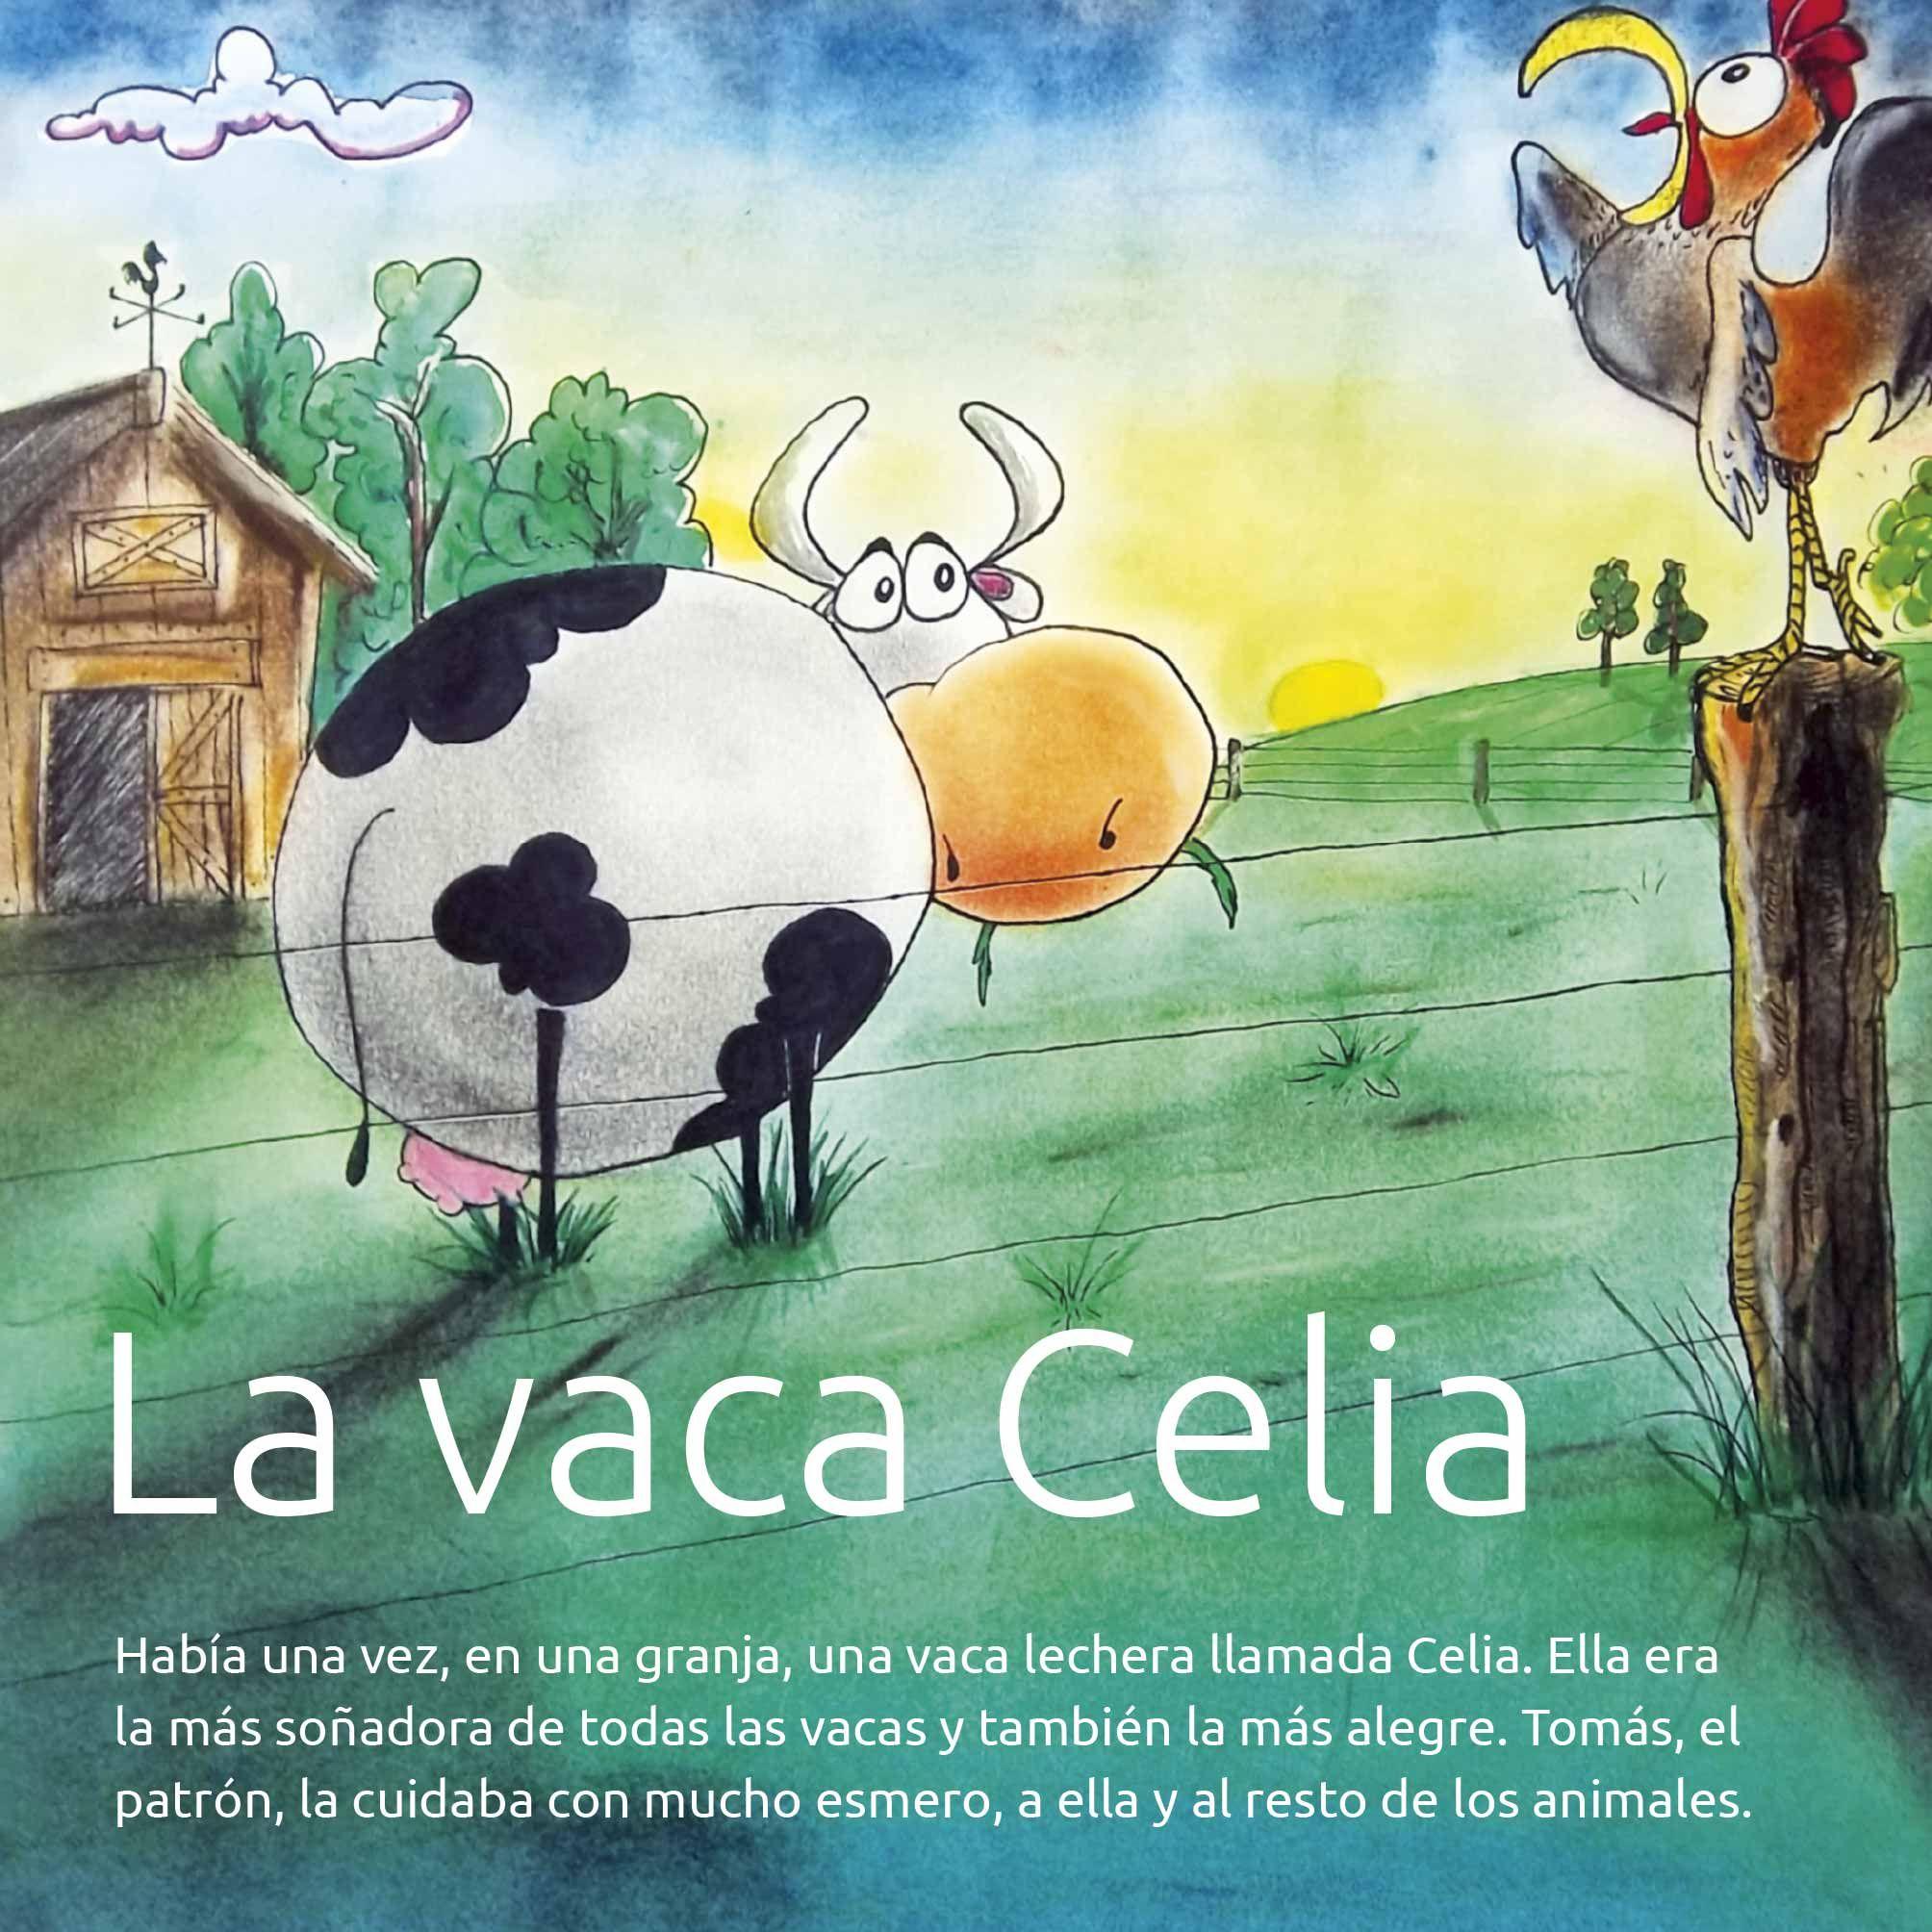 La vaca celia protagonista de uno de los cuentos de - Como cocinar las setas lengua de vaca ...